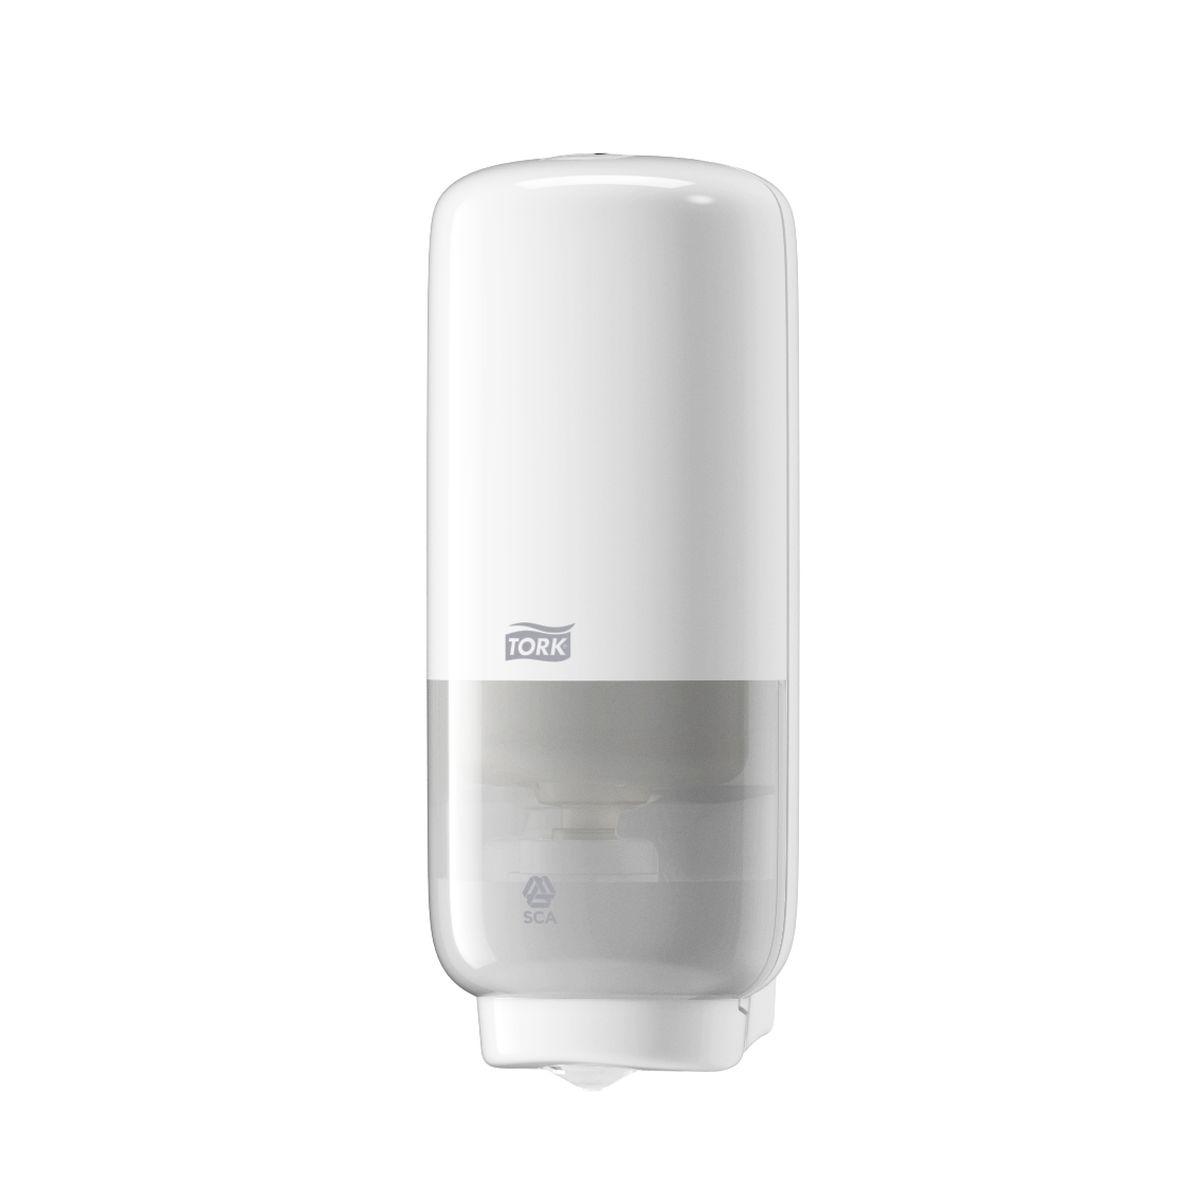 Диспенсер для мыла Tork, сенсорный, цвет: белый. 56160068/5/1Диспенсер Torkудачно сочетает стильный дизайн и функциональность, и подходят для любых туалетных комнат. Изготовлен из ударопрочного пластика. Работают на картриджах мыла-пены Tork системы S4.Сенсорный механизм подачи мыла; Цветовые индикаторы расхода картриджа и заряда батареи;Перезаправка за несколько секунд; Дозирует 0,4 мл мыла-пены. Работает на 4 алкалиновых элементах серии С.